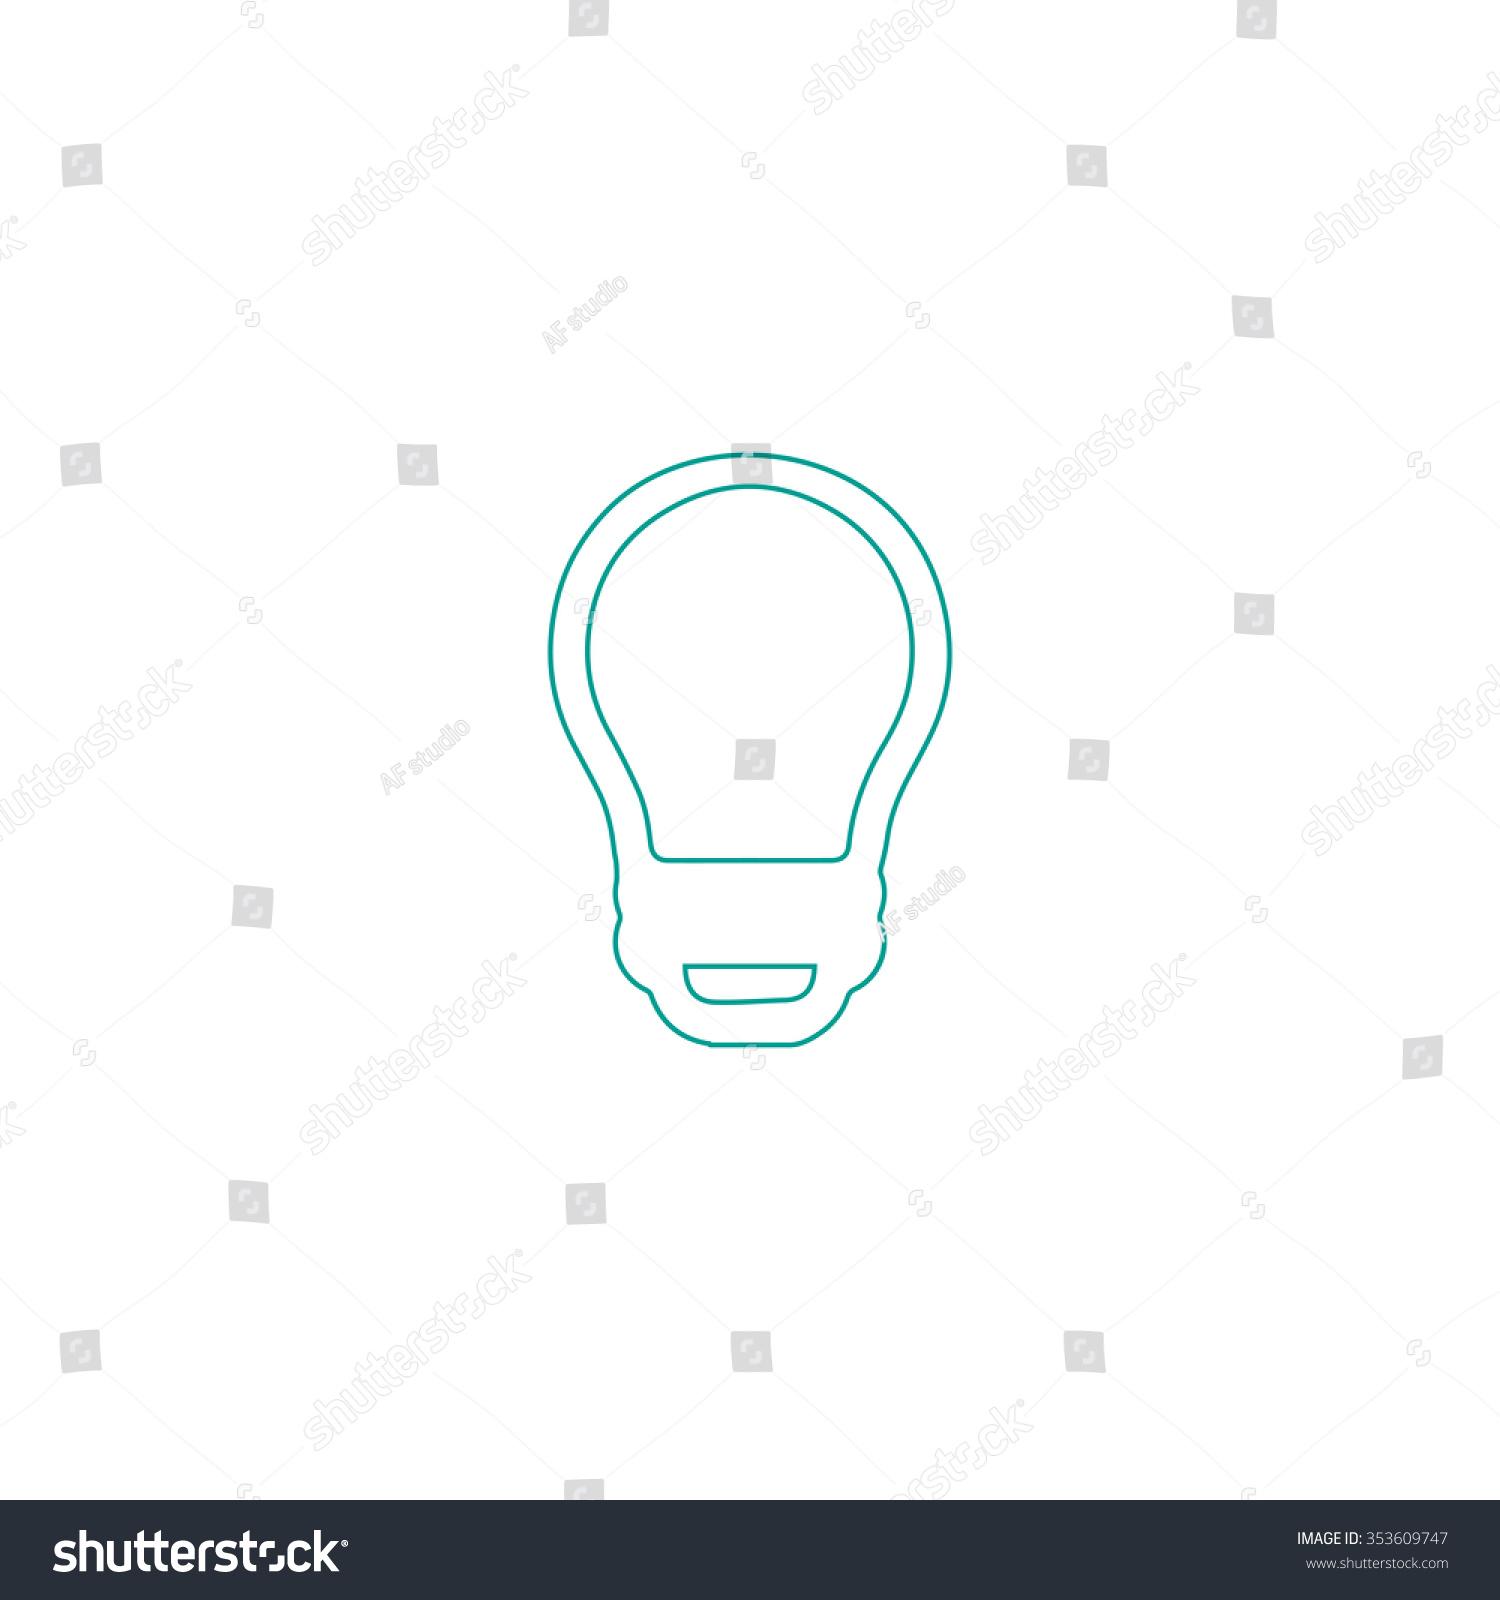 Unique Led Lights Symbol Frieze - Electrical System Block Diagram ...